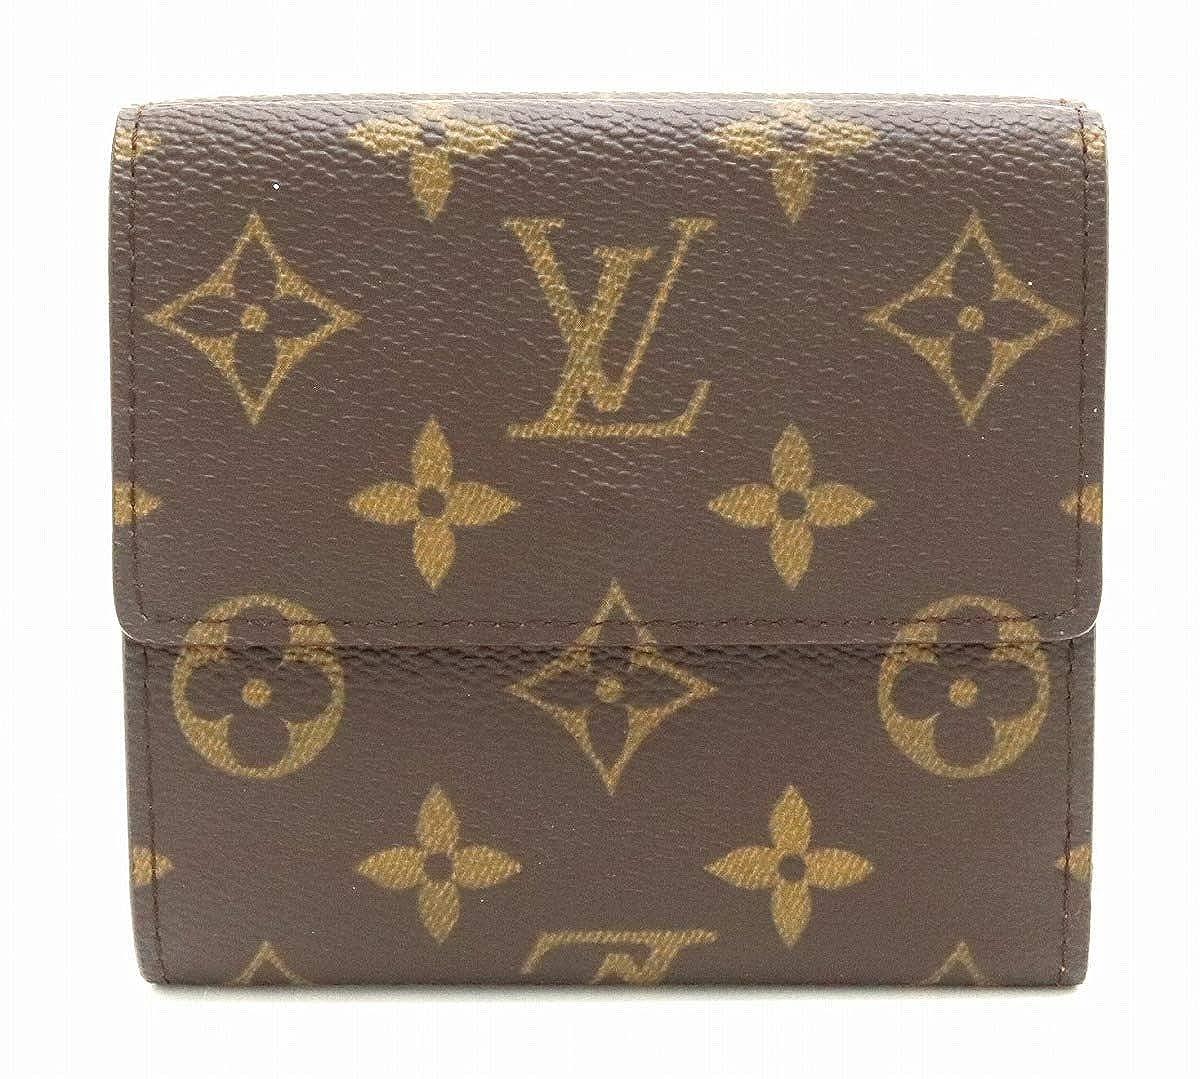 [ルイ ヴィトン] LOUIS VUITTON モノグラム ポルトモネ ビエ カルト クレディ ダブルホック財布 Wホック財布 M61652 [中古]   B07QLSNZ2N